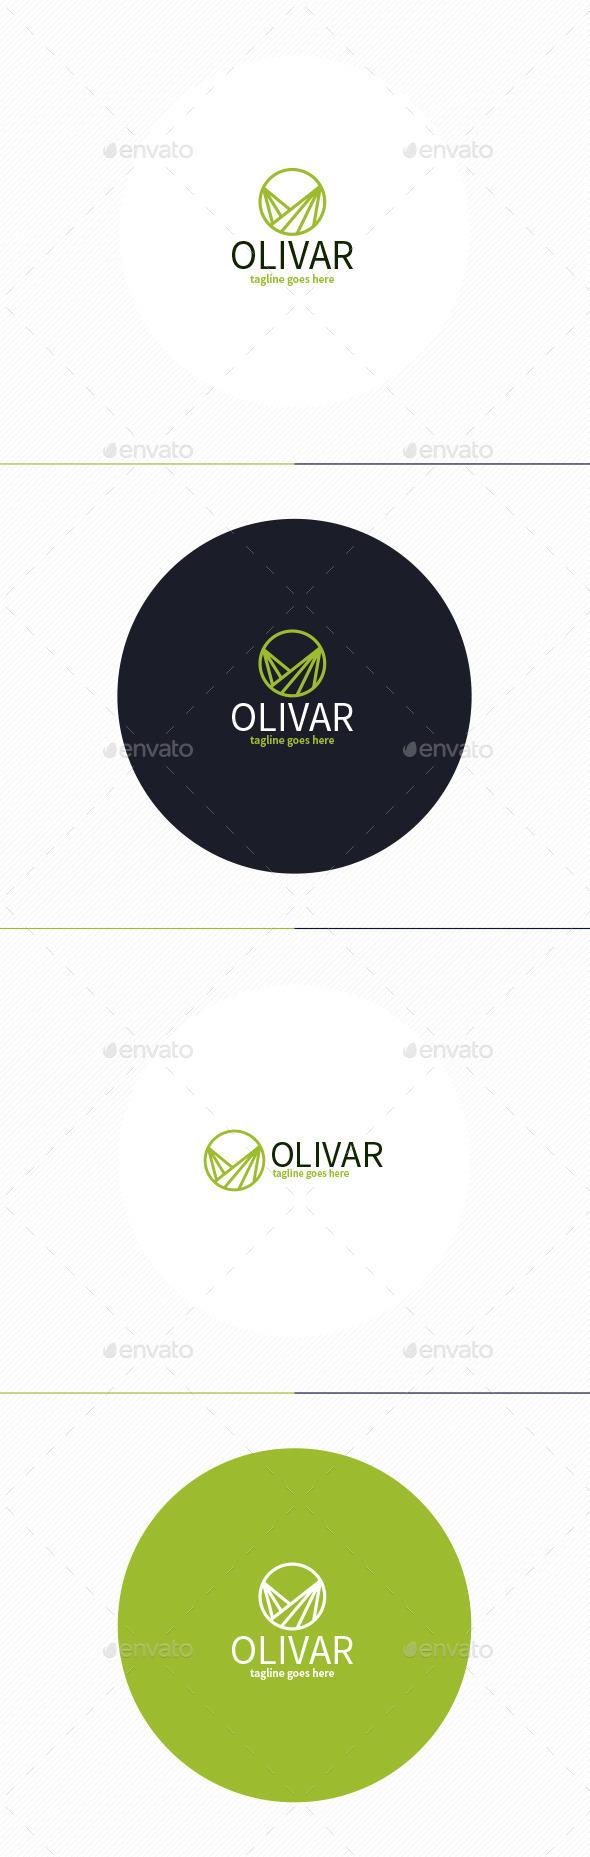 GraphicRiver Olivar Logo 11499159